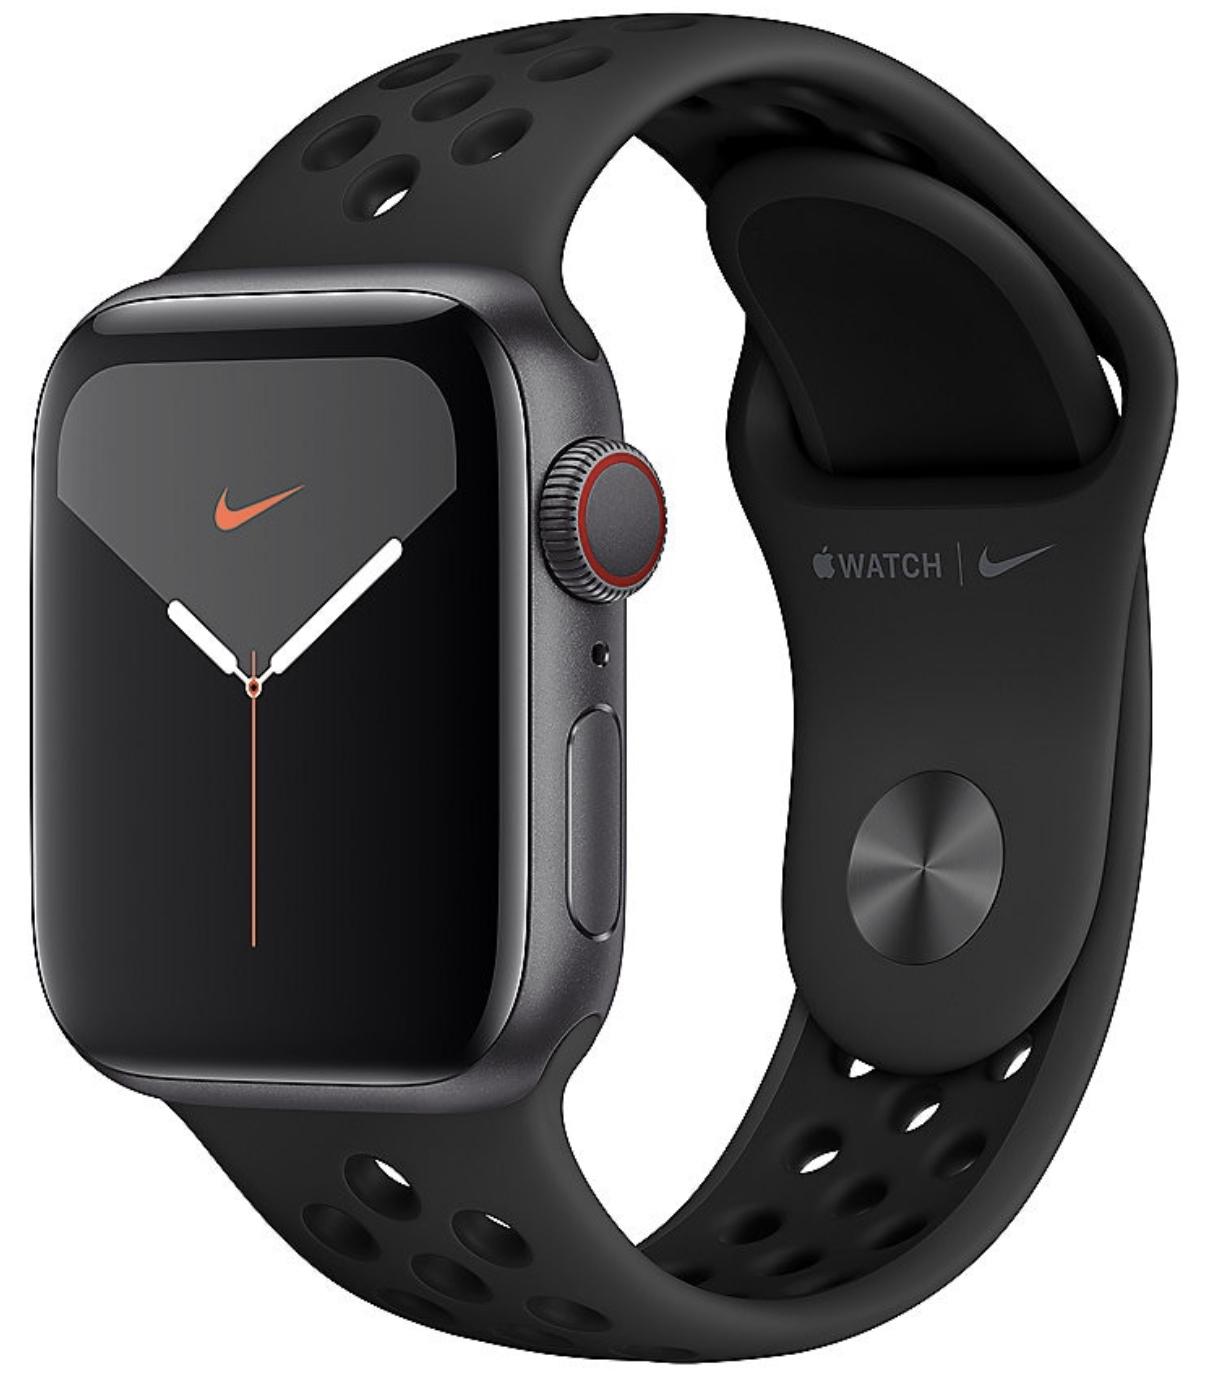 Apple Watch Nike+ Series 5 GPS + Cellular LTE 40mm Space Grau für 474€ inkl. Versandkosten